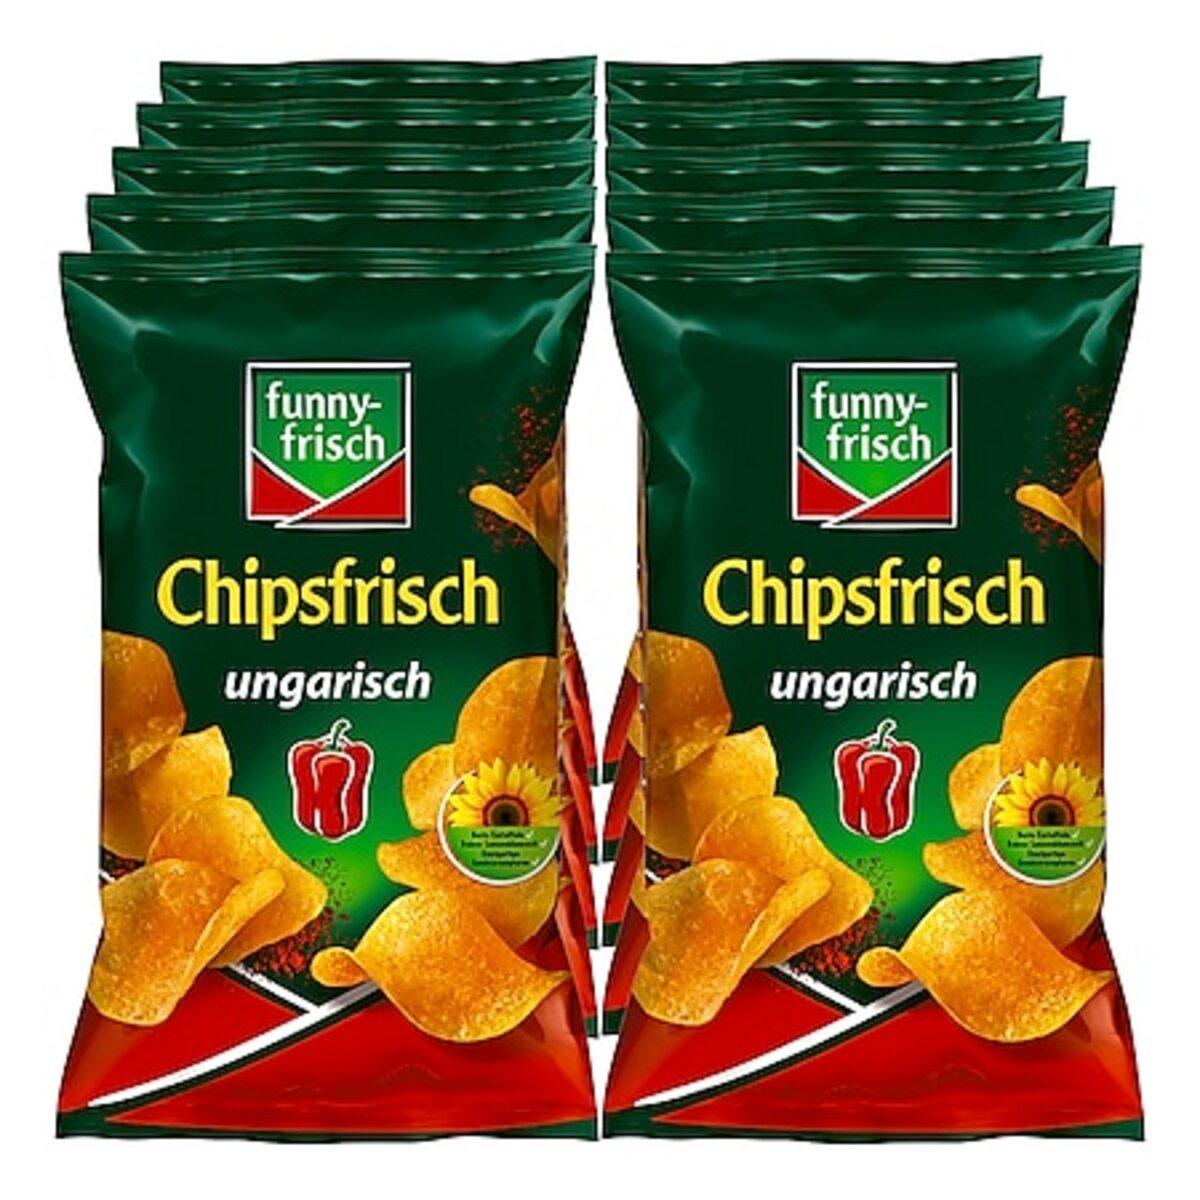 Bild 1 von Funny Frisch Chipsfrisch ungarisch 175 g, 10er Pack